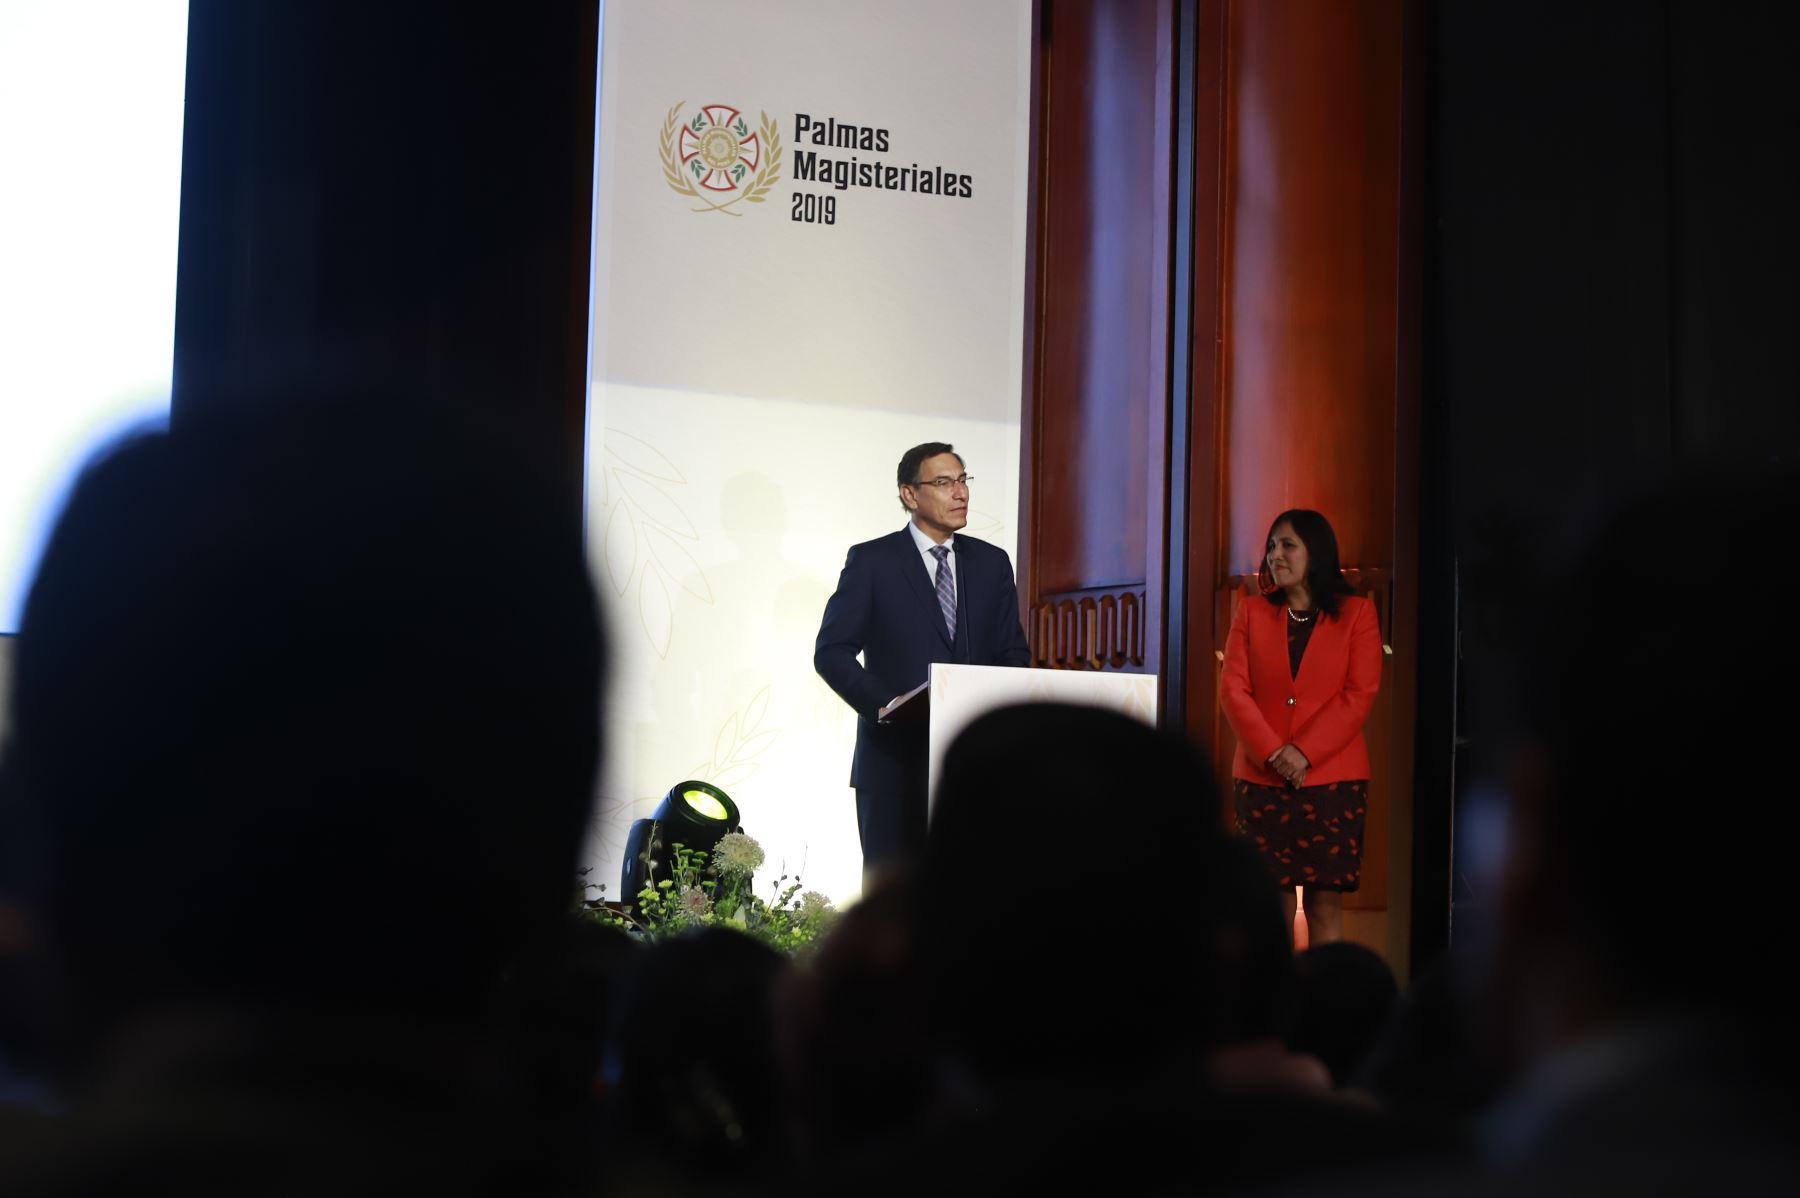 Presidente Martín Vizcarra reconoce con las   Palmas Magisteriales 2019 a los profesionales que han destacado por su contribución extraordinaria a la educación y desarrollo del país.  Foto: ANDINA/Prensa Presidencia